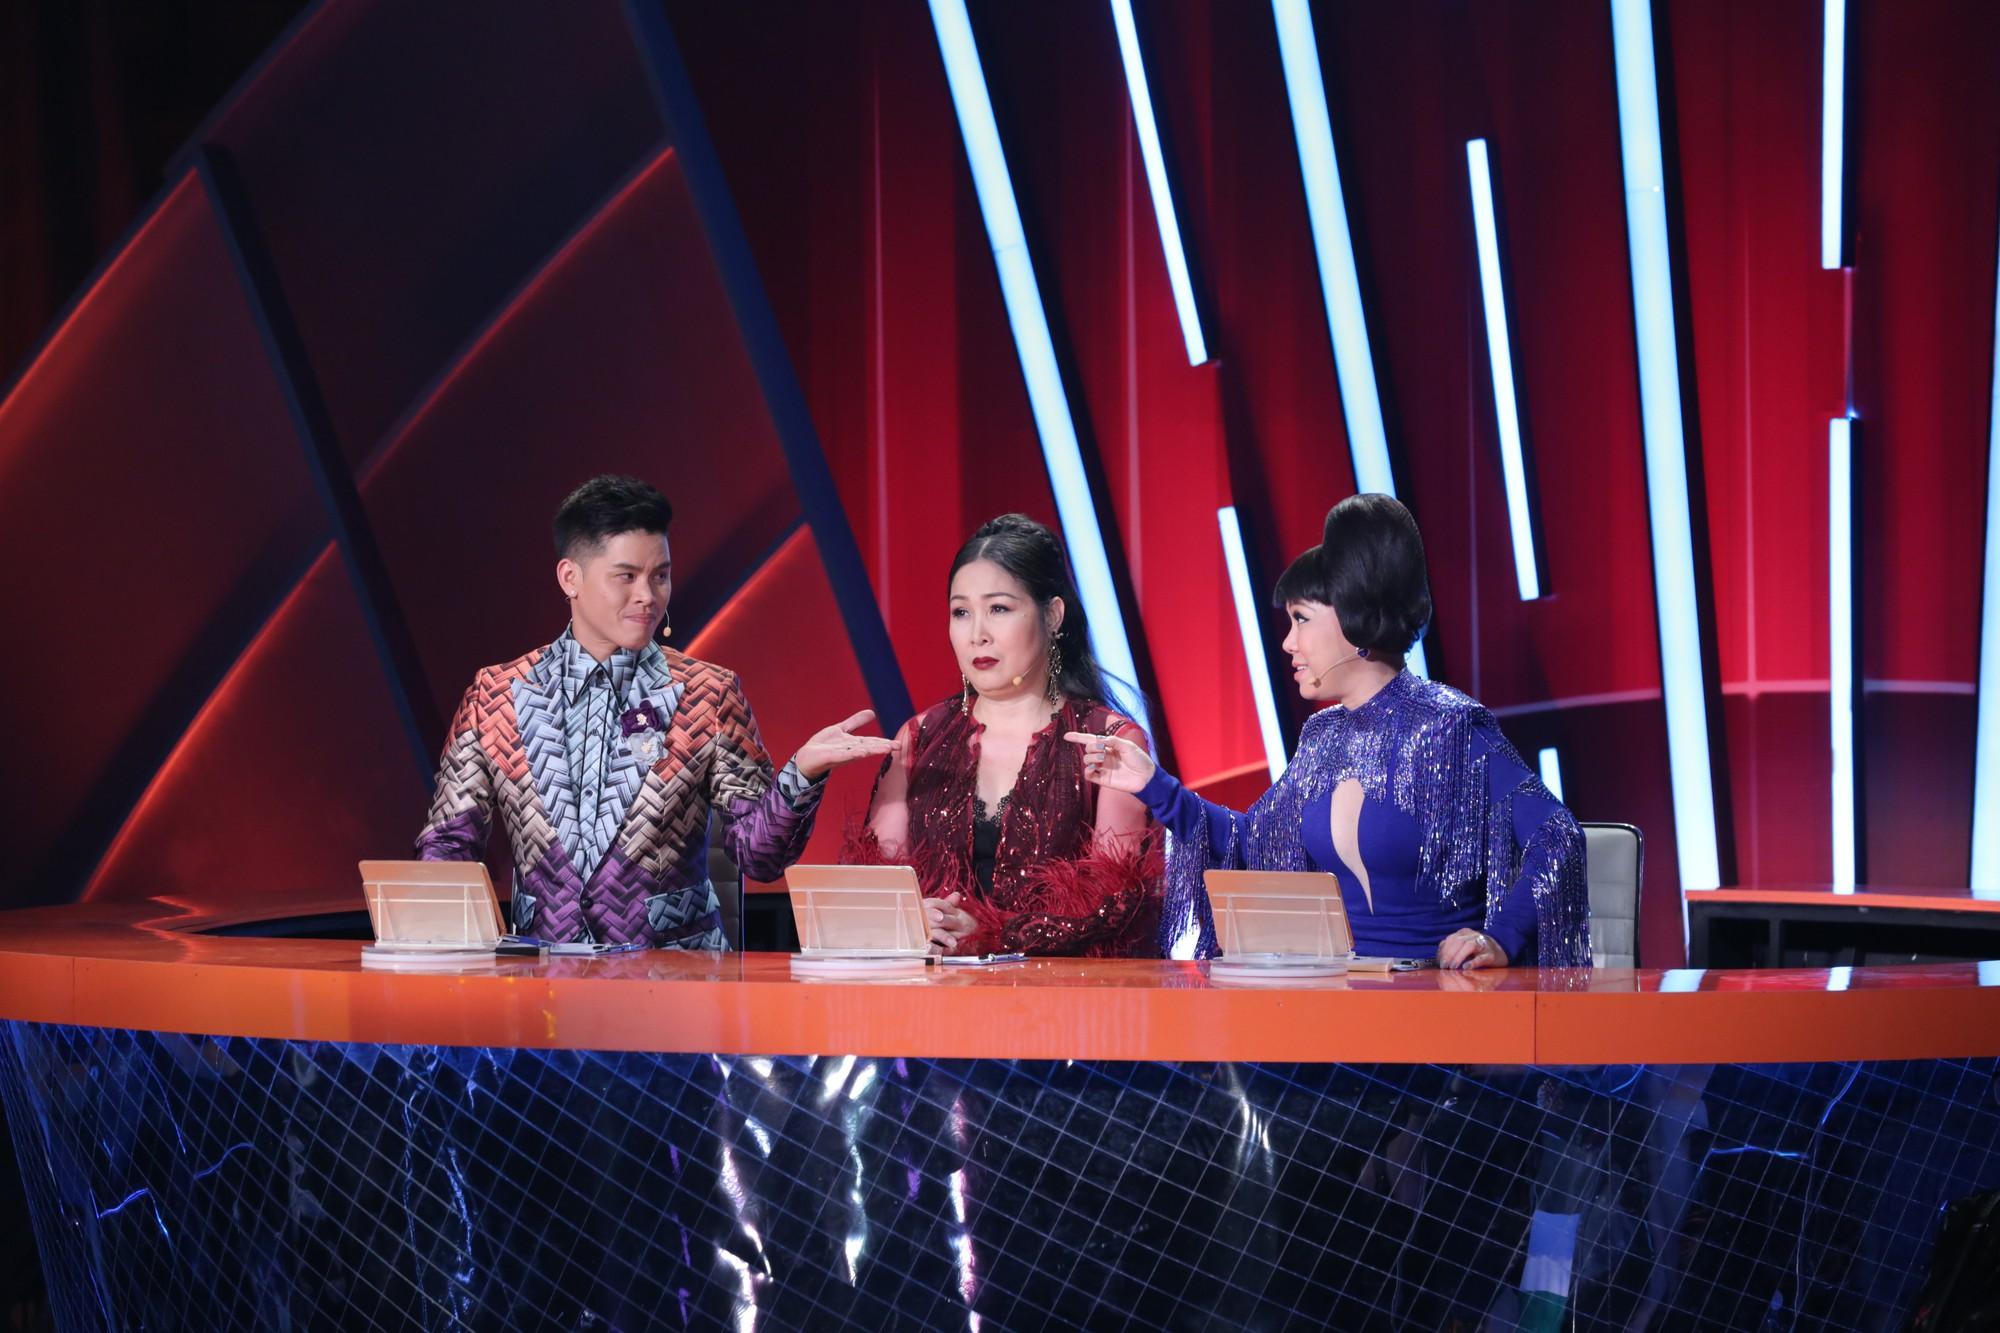 Bộ 3 giám khảo John Huy Trần - Hồng Vân - Việt Hương